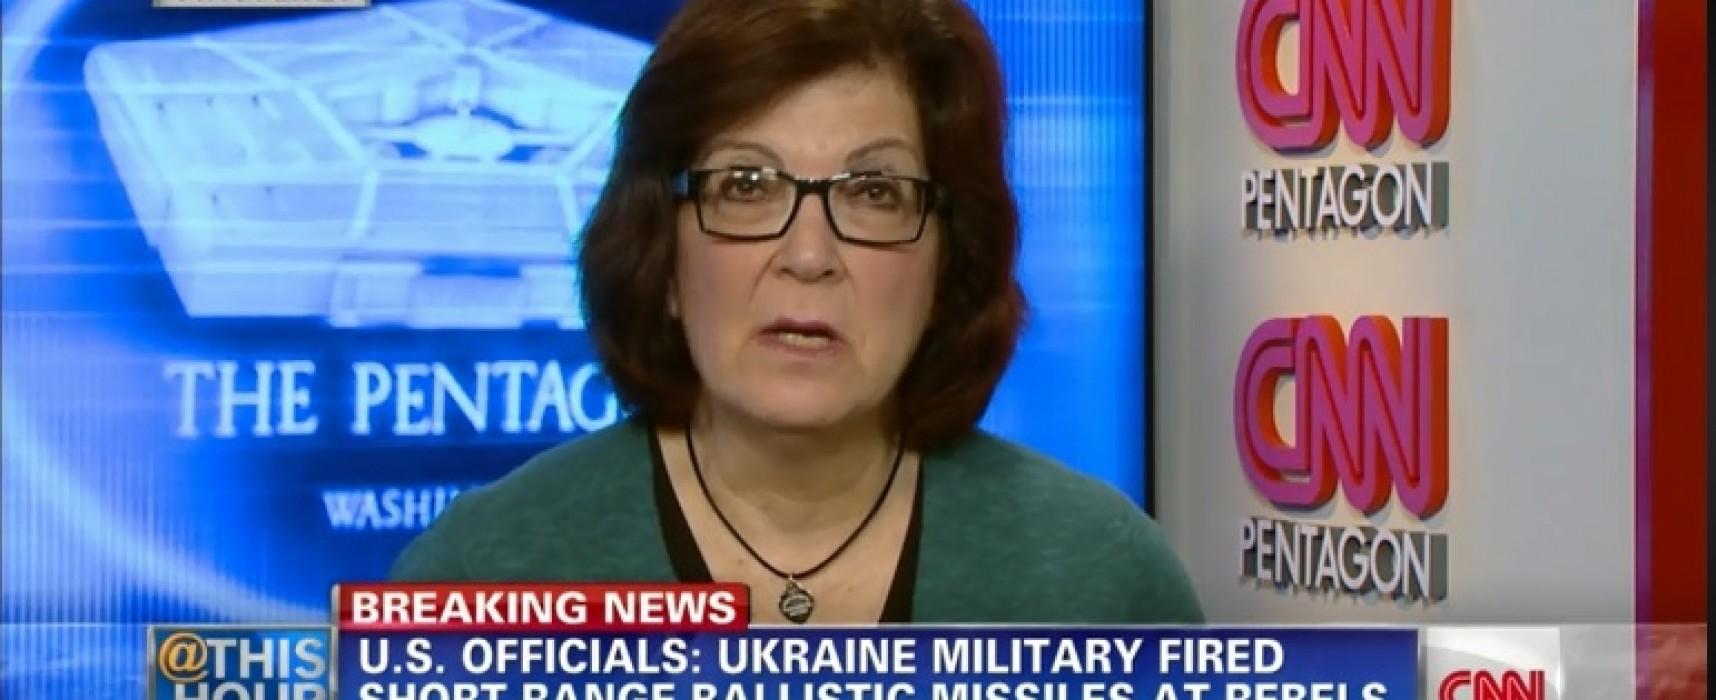 Совет нацбезопасности Украины и боевики «ДНР» опровергли информацию CNN о применении Украиной баллистических ракет на Донбассе